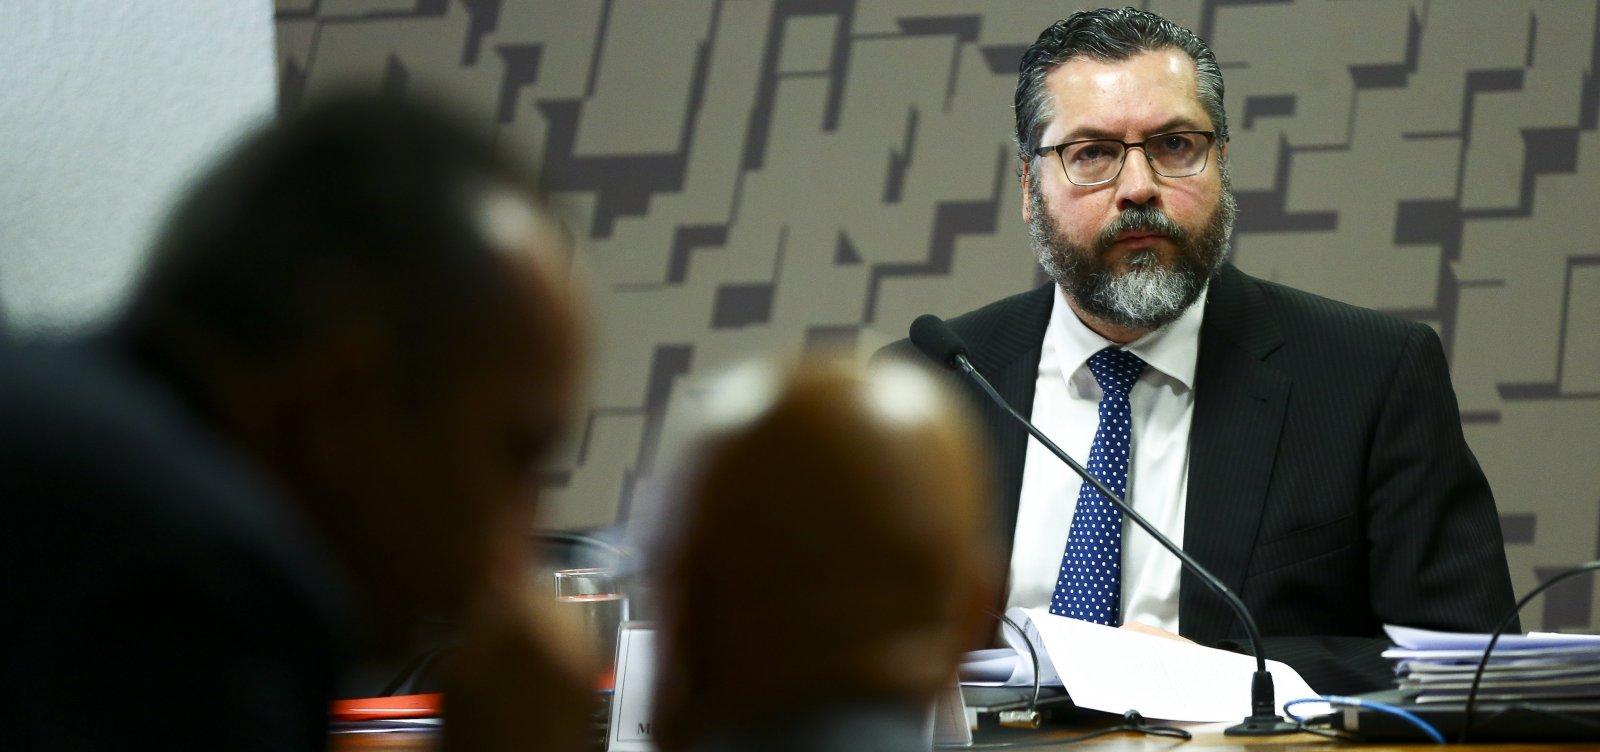 '02 do Itamaraty': secretário do governo substitui Ernesto Araújo em missões diplomáticas